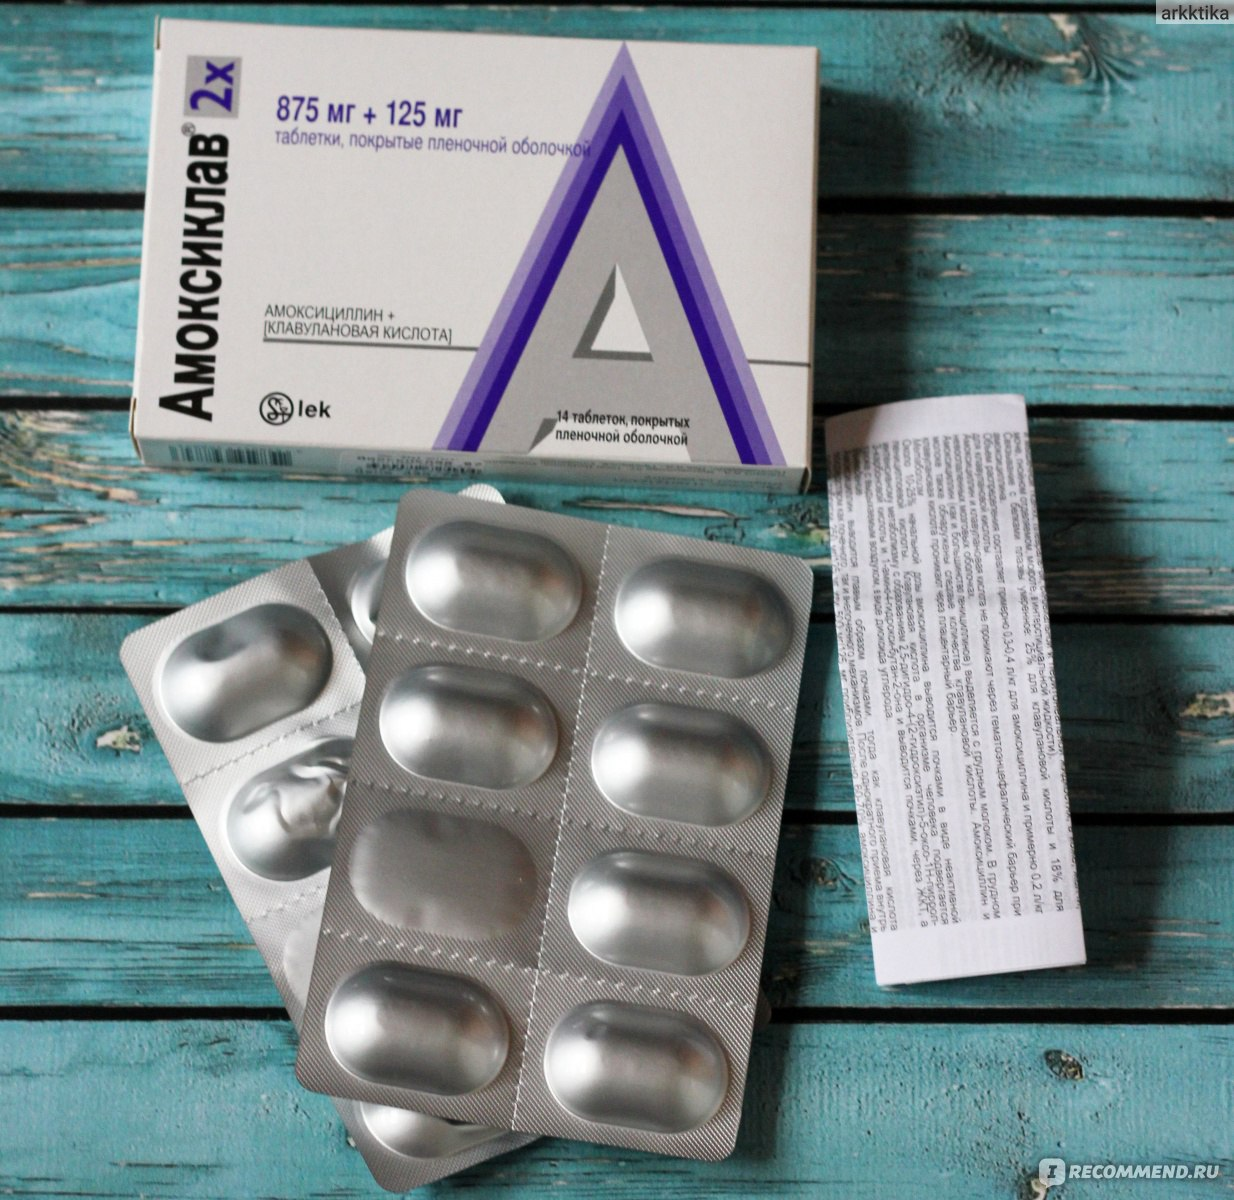 12 антибиотиков при ангине — эффективные и лучшие препараты, какой выбрать